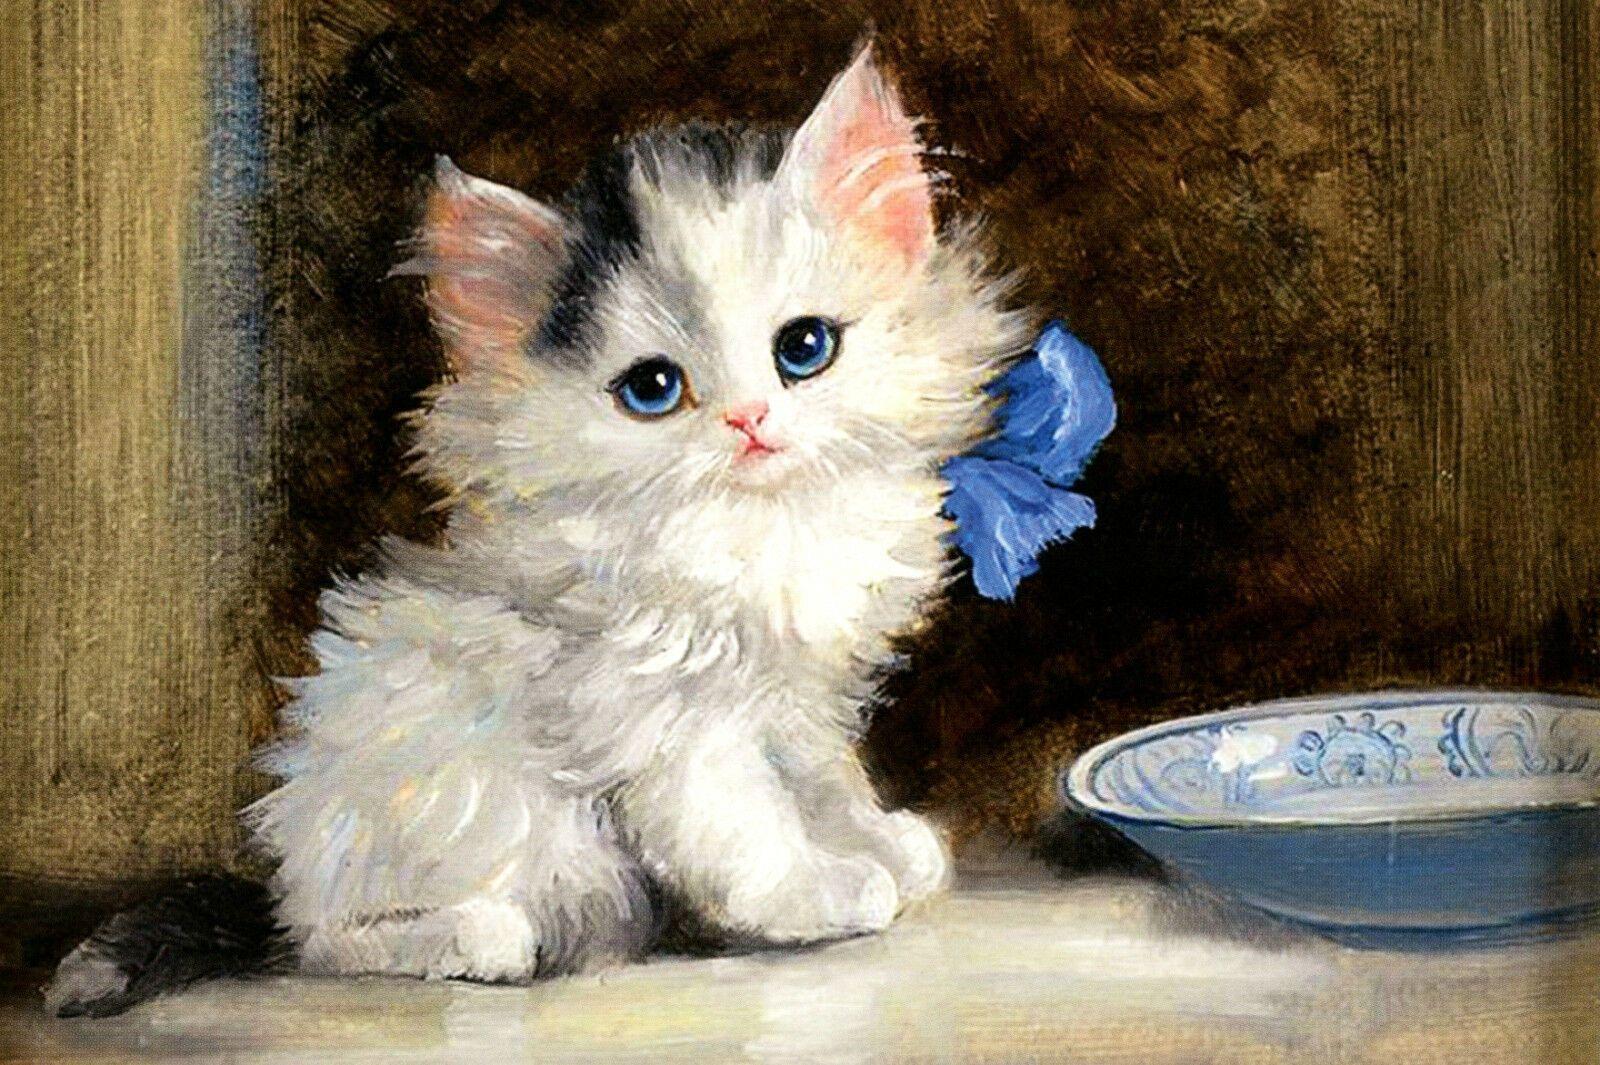 Kitten With A Blue Bow By Meta Pluckebaum Cat Art Russian Modern Postcard Ebay In 2020 Cat Art Dragon Ball Painting Modern Postcard